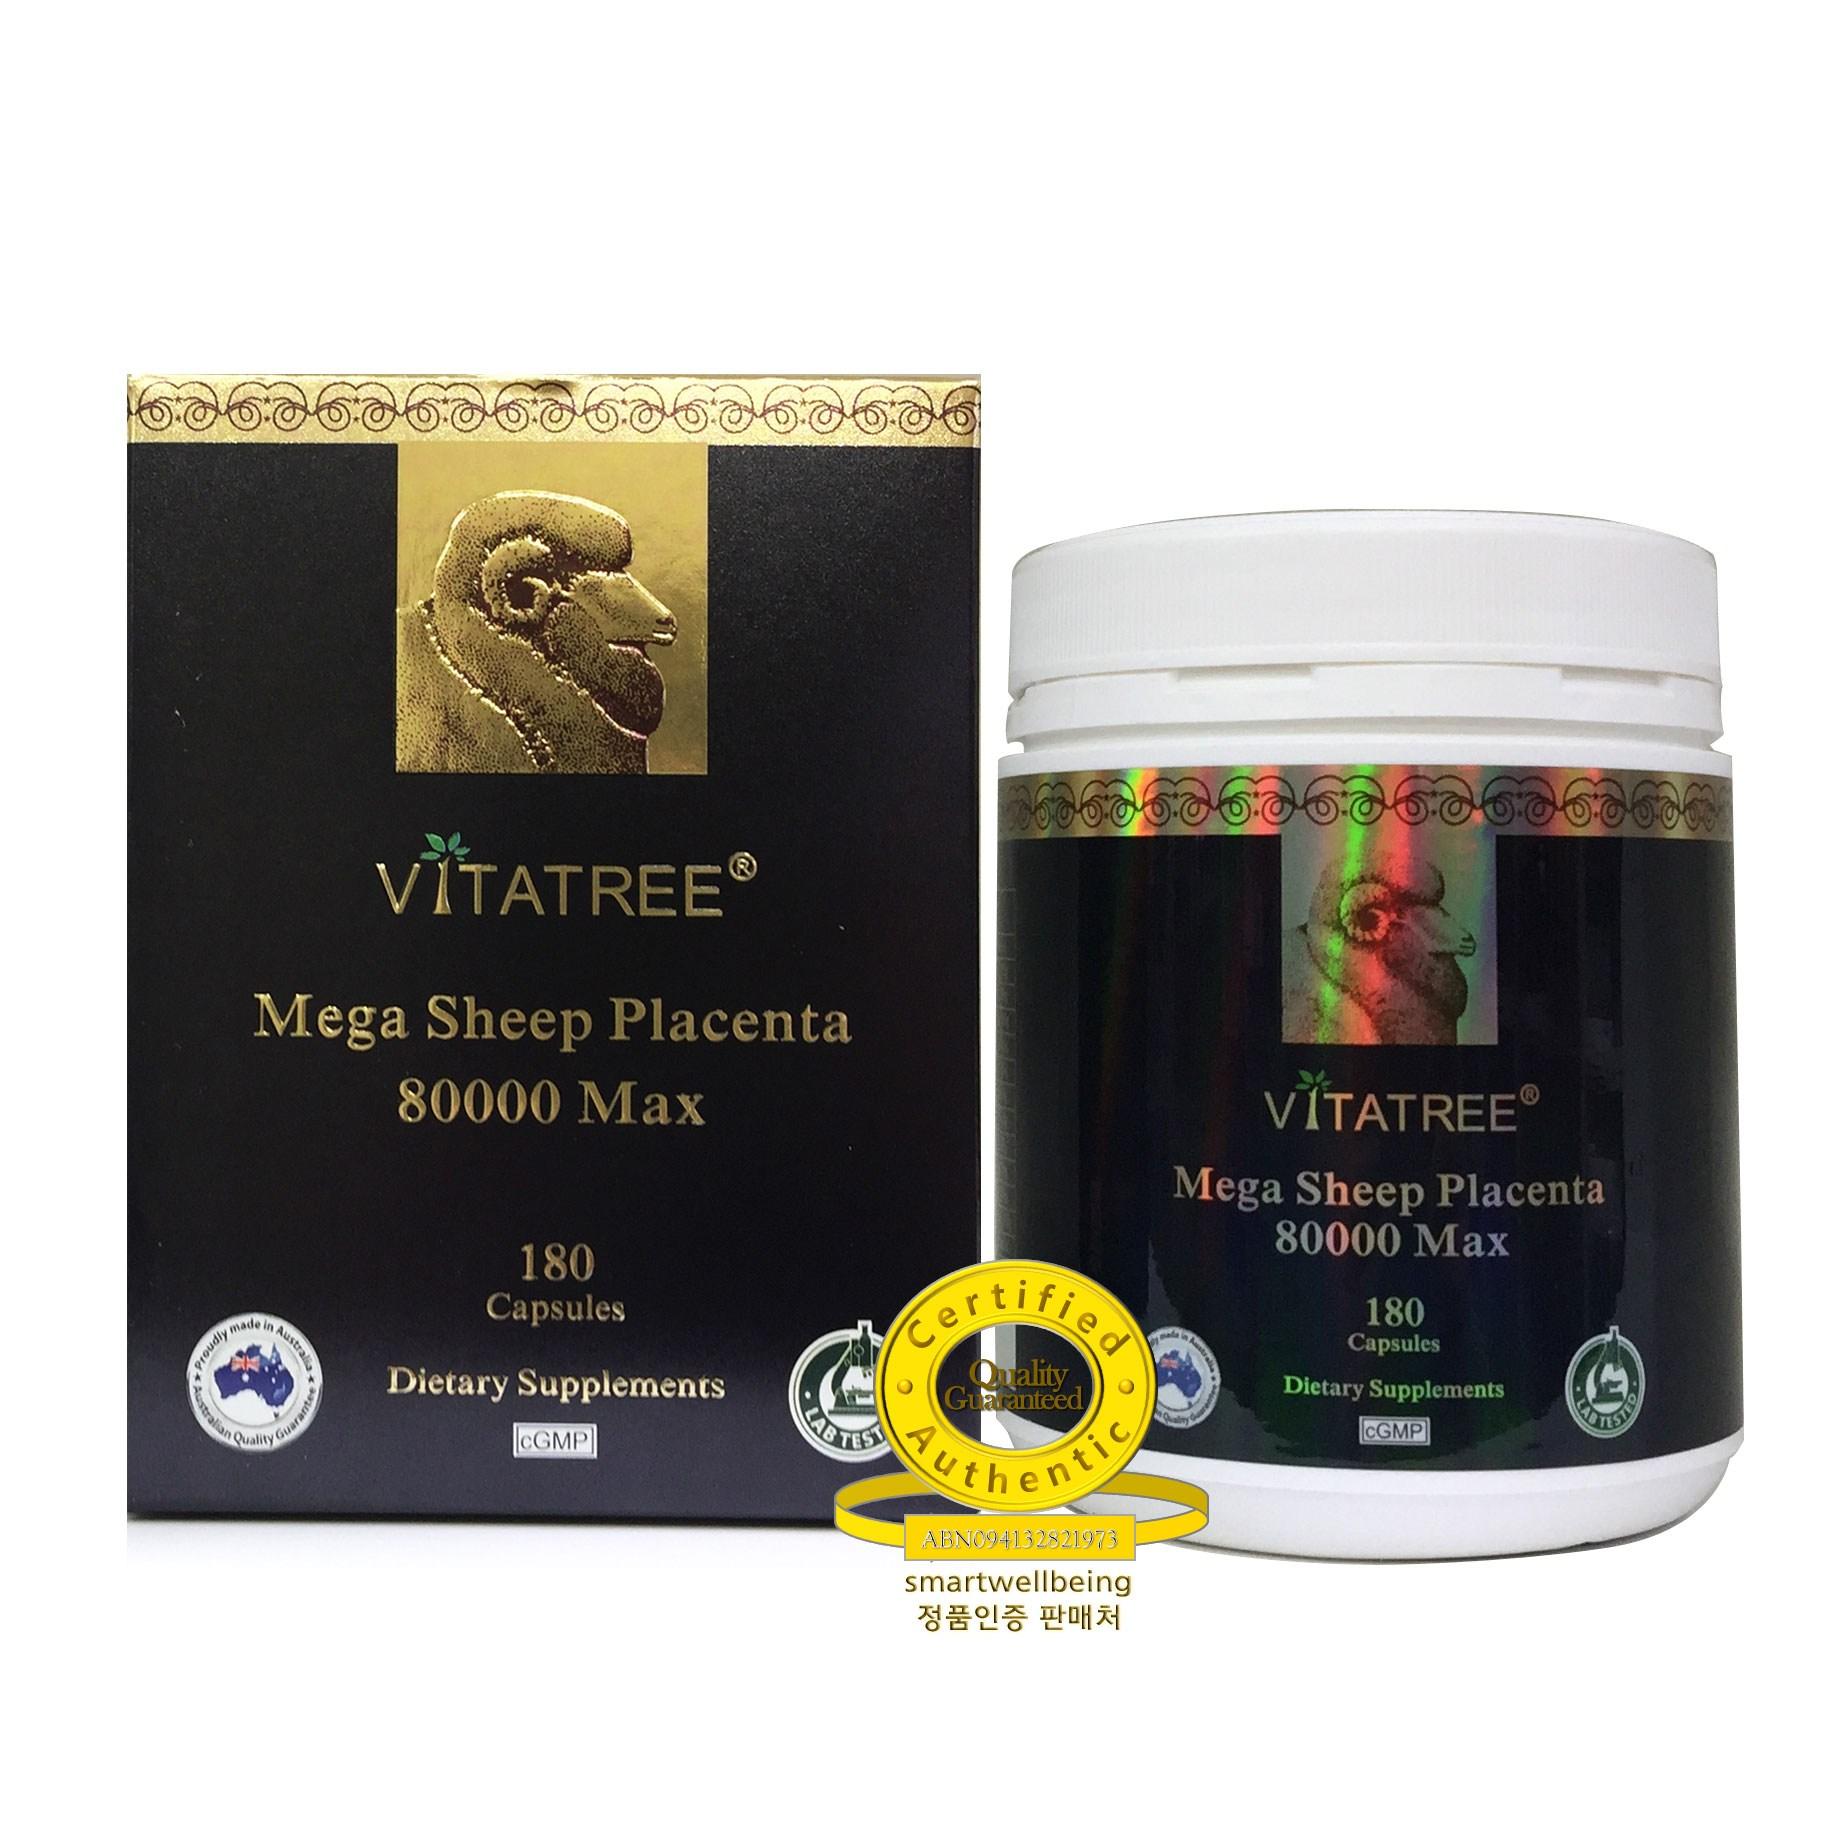 비타트리 메가 플라센타 호주 양태반 80000mg 180캡슐 6개월분 고함량양태반, 1개